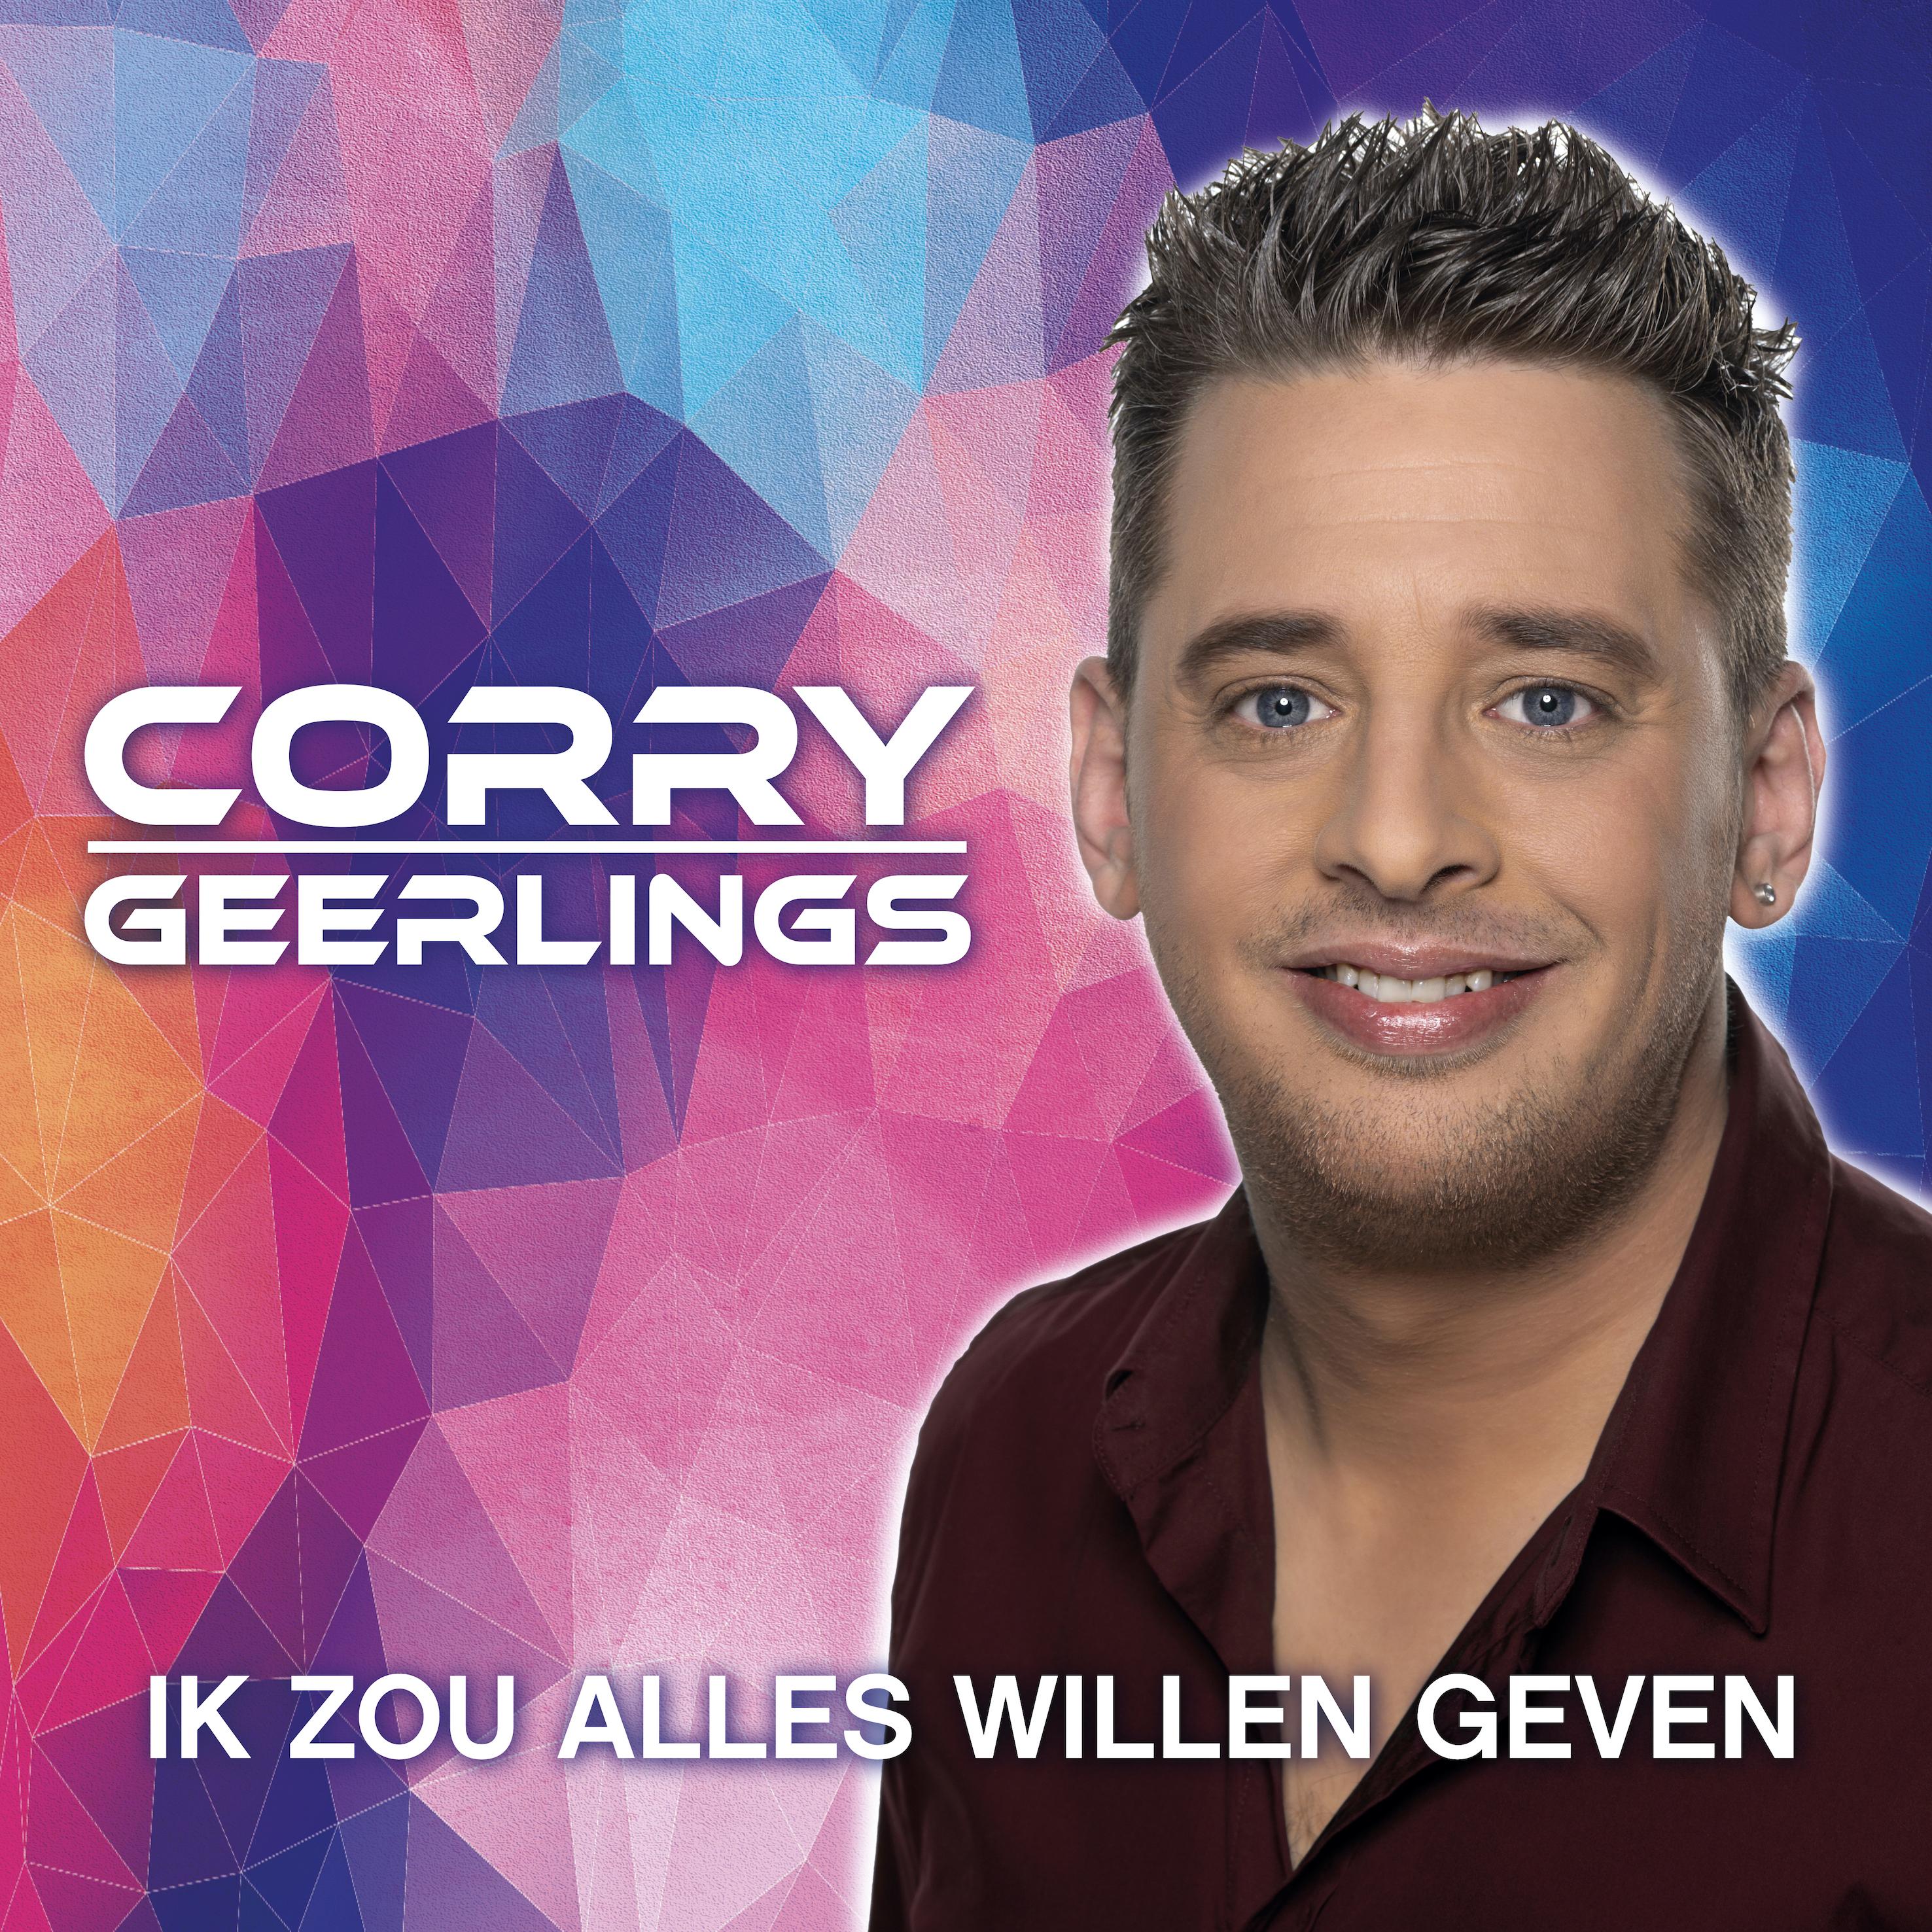 Nieuwe Single : Corry Geerlings – Ik zou alles willen geven